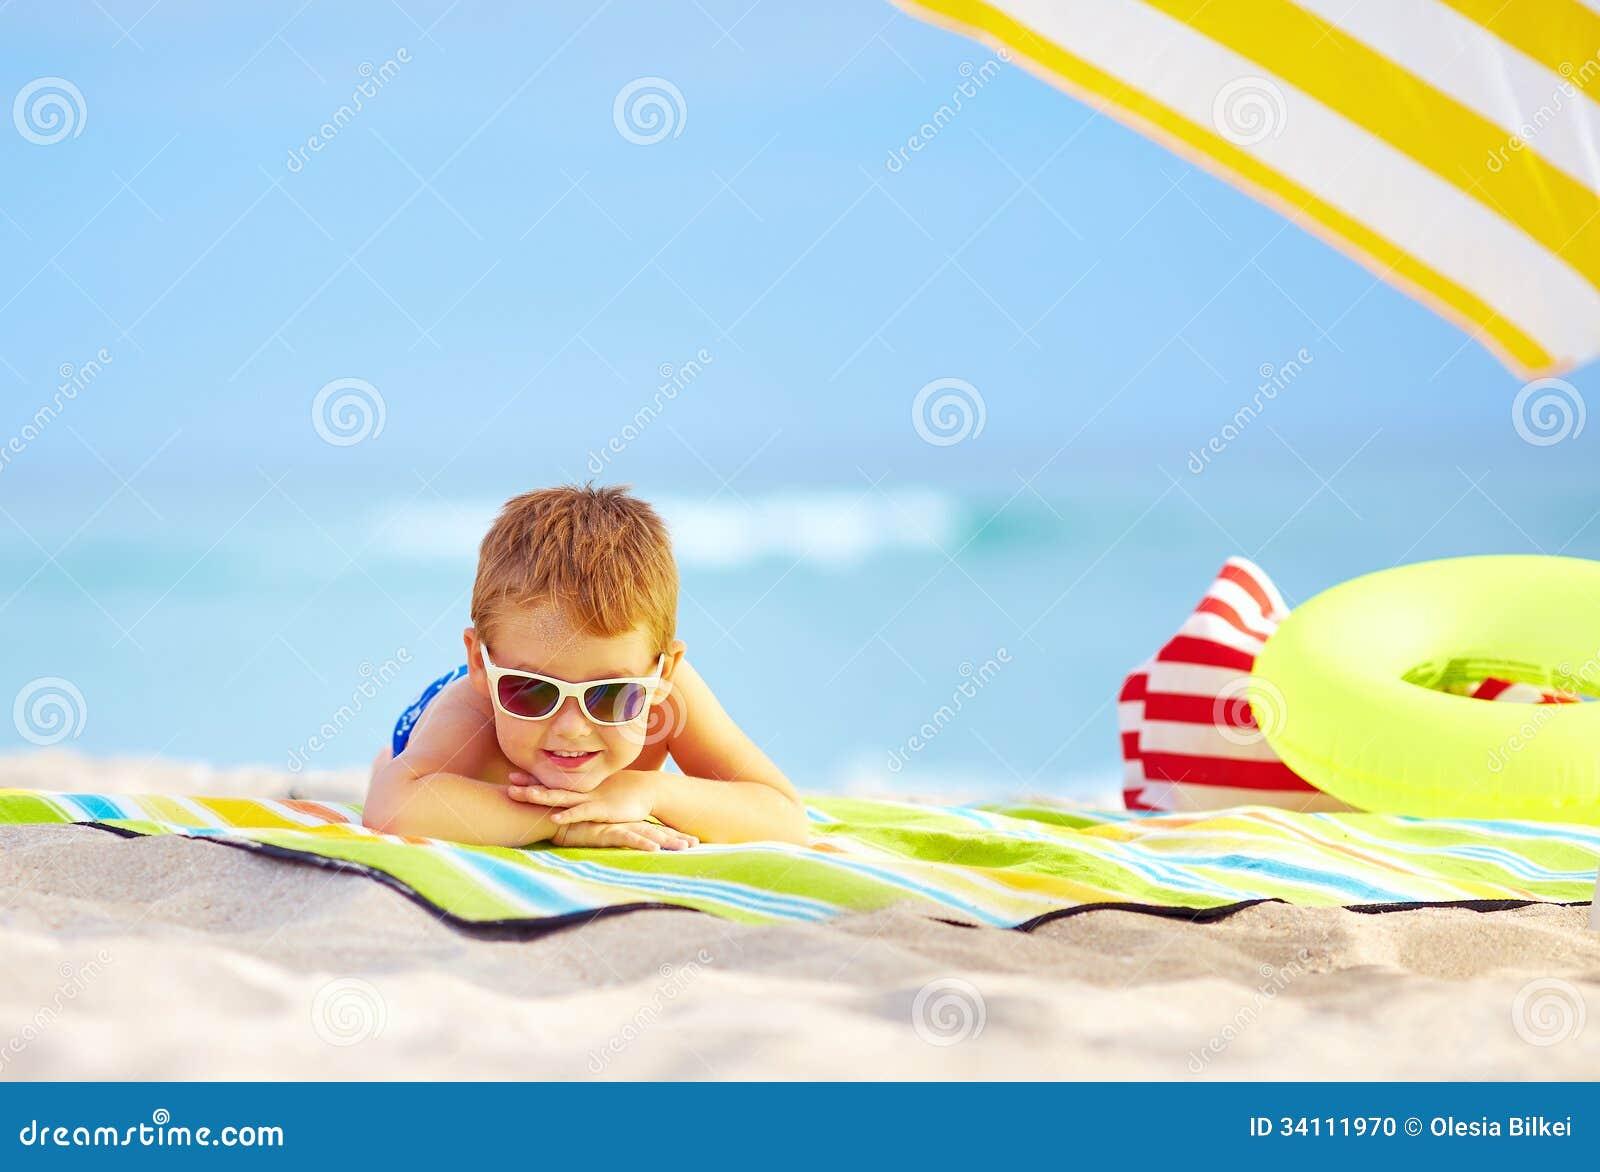 在基于五颜六色的海滩的太阳镜的逗人喜爱的孩子.图片